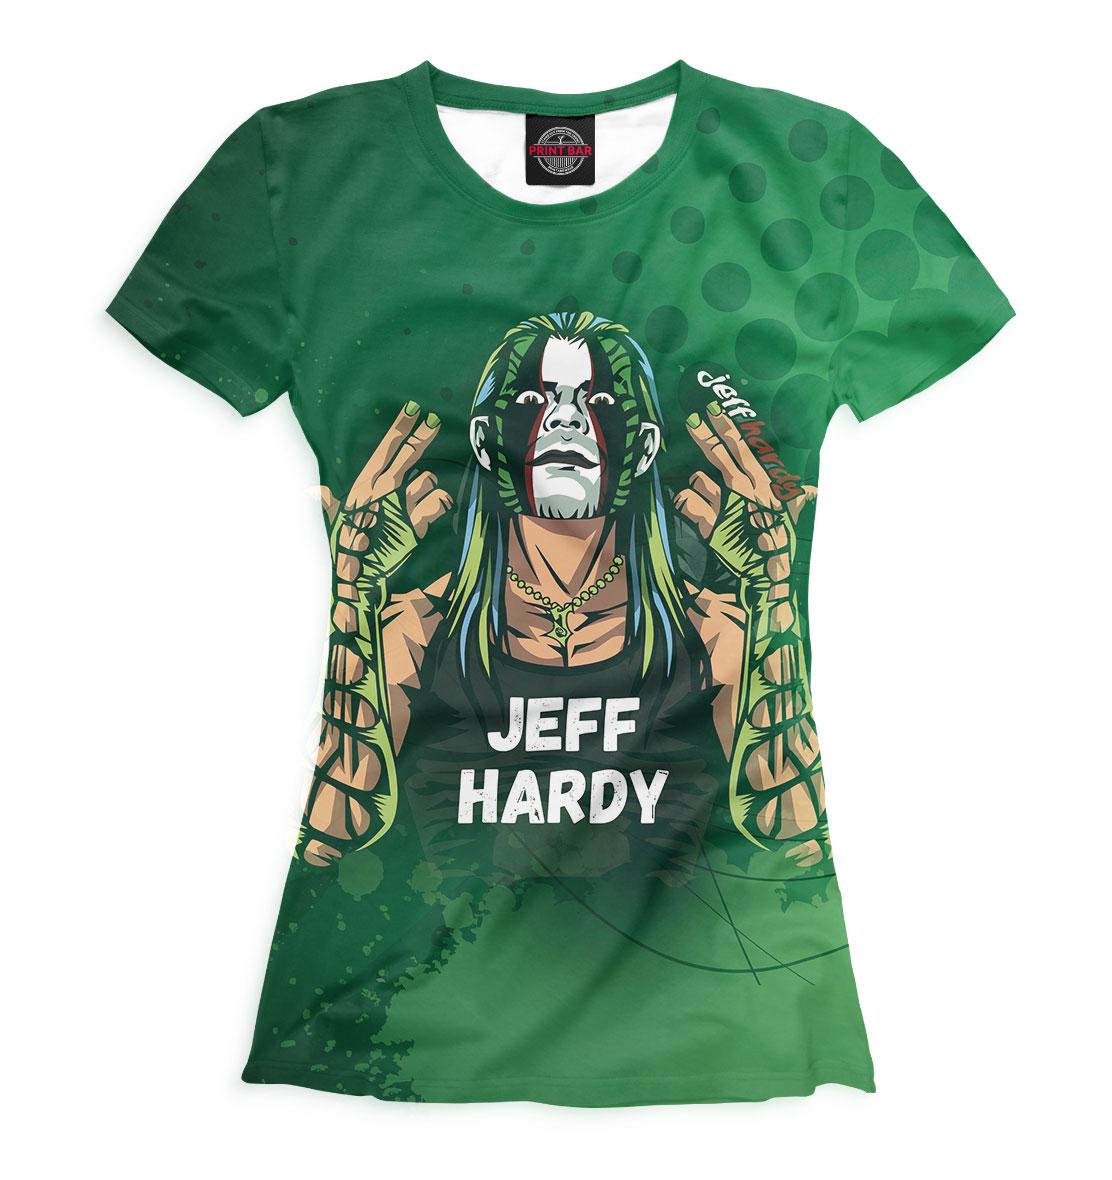 Джефф Харди, Printbar, Футболки, WWE-147290-fut-1  - купить со скидкой